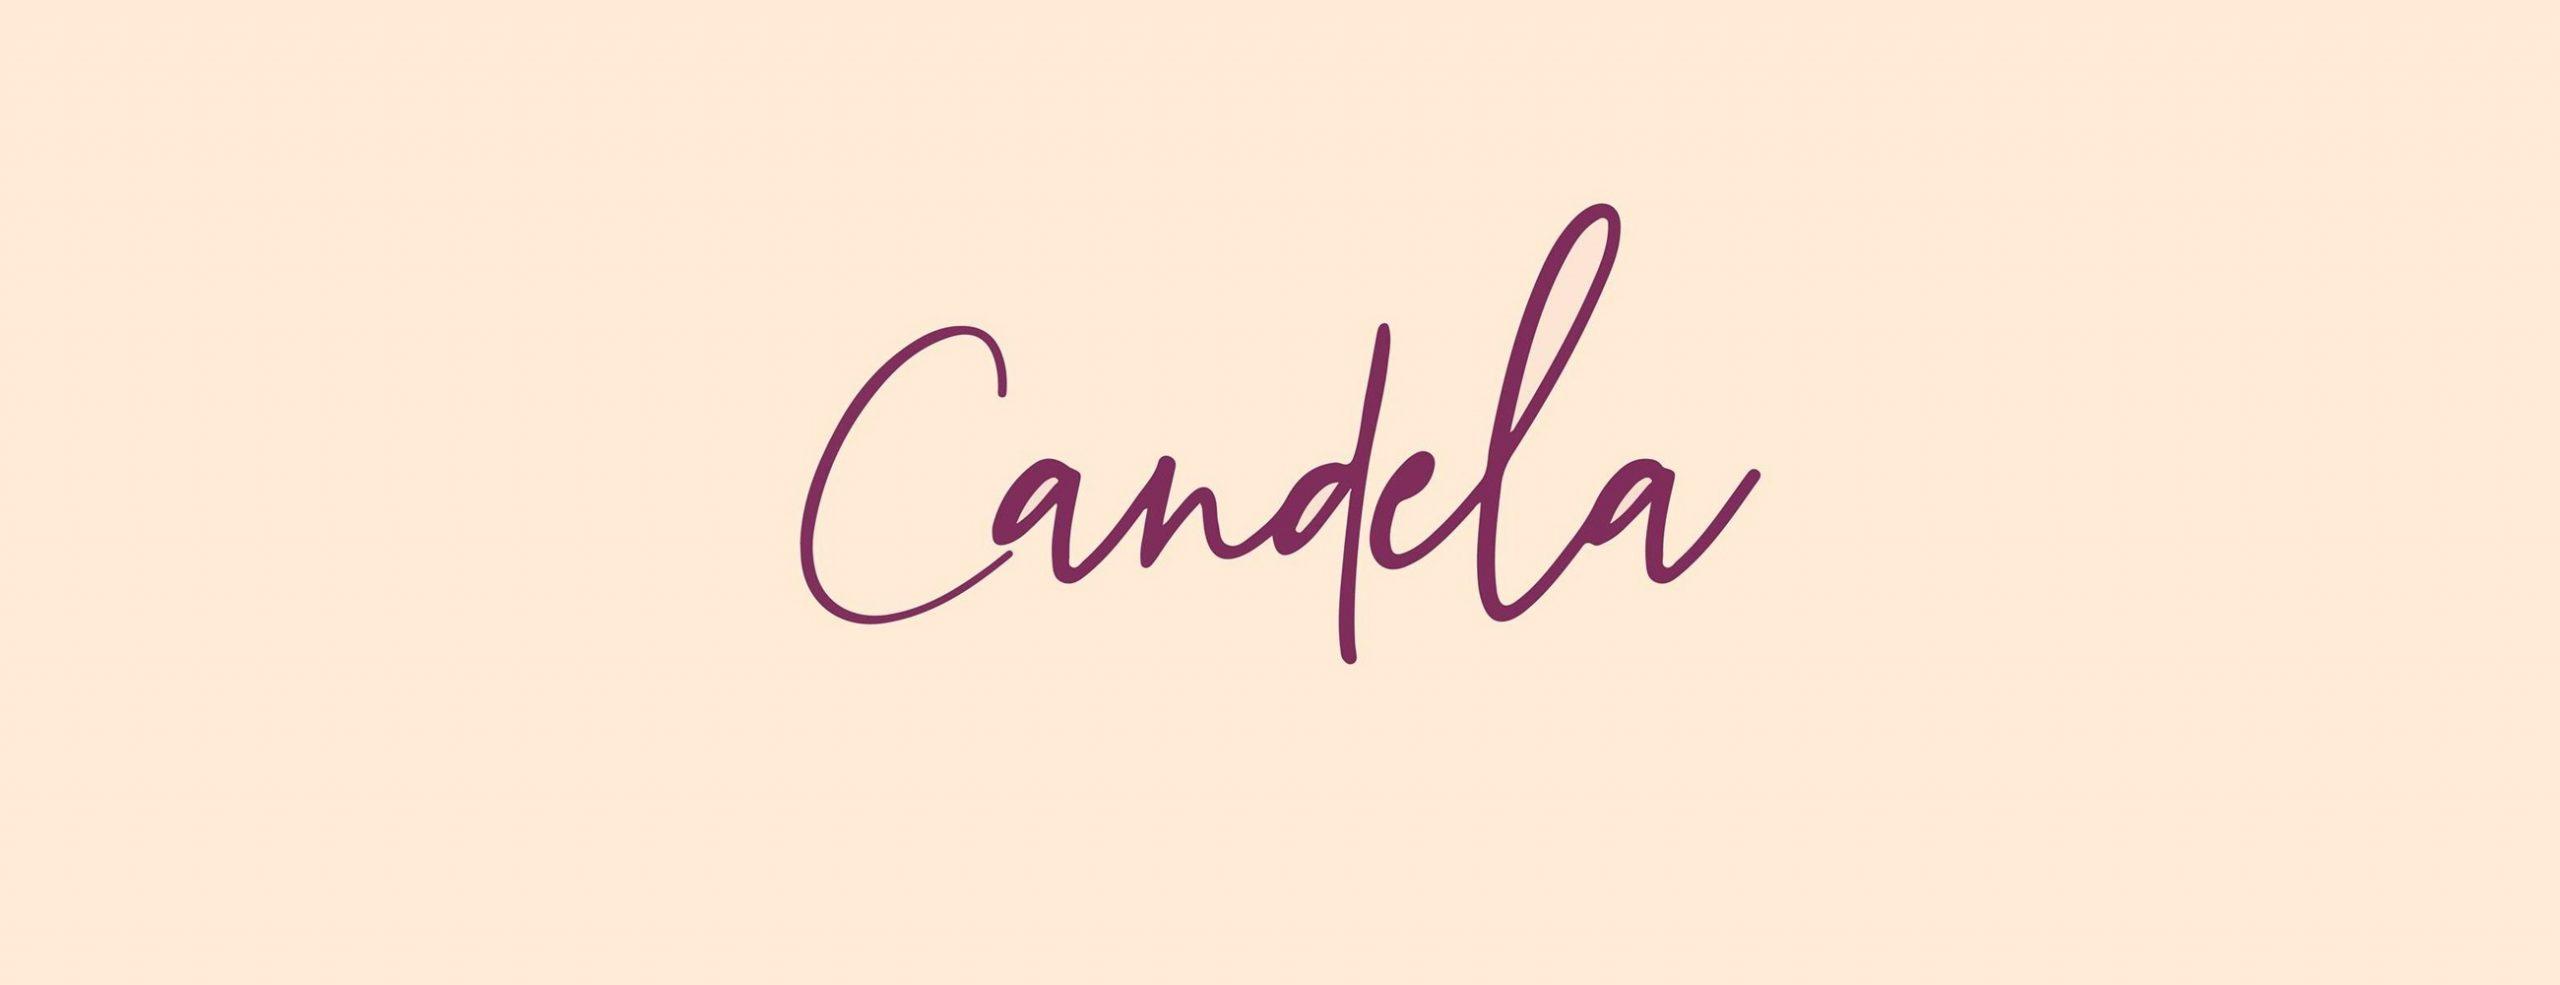 Candela